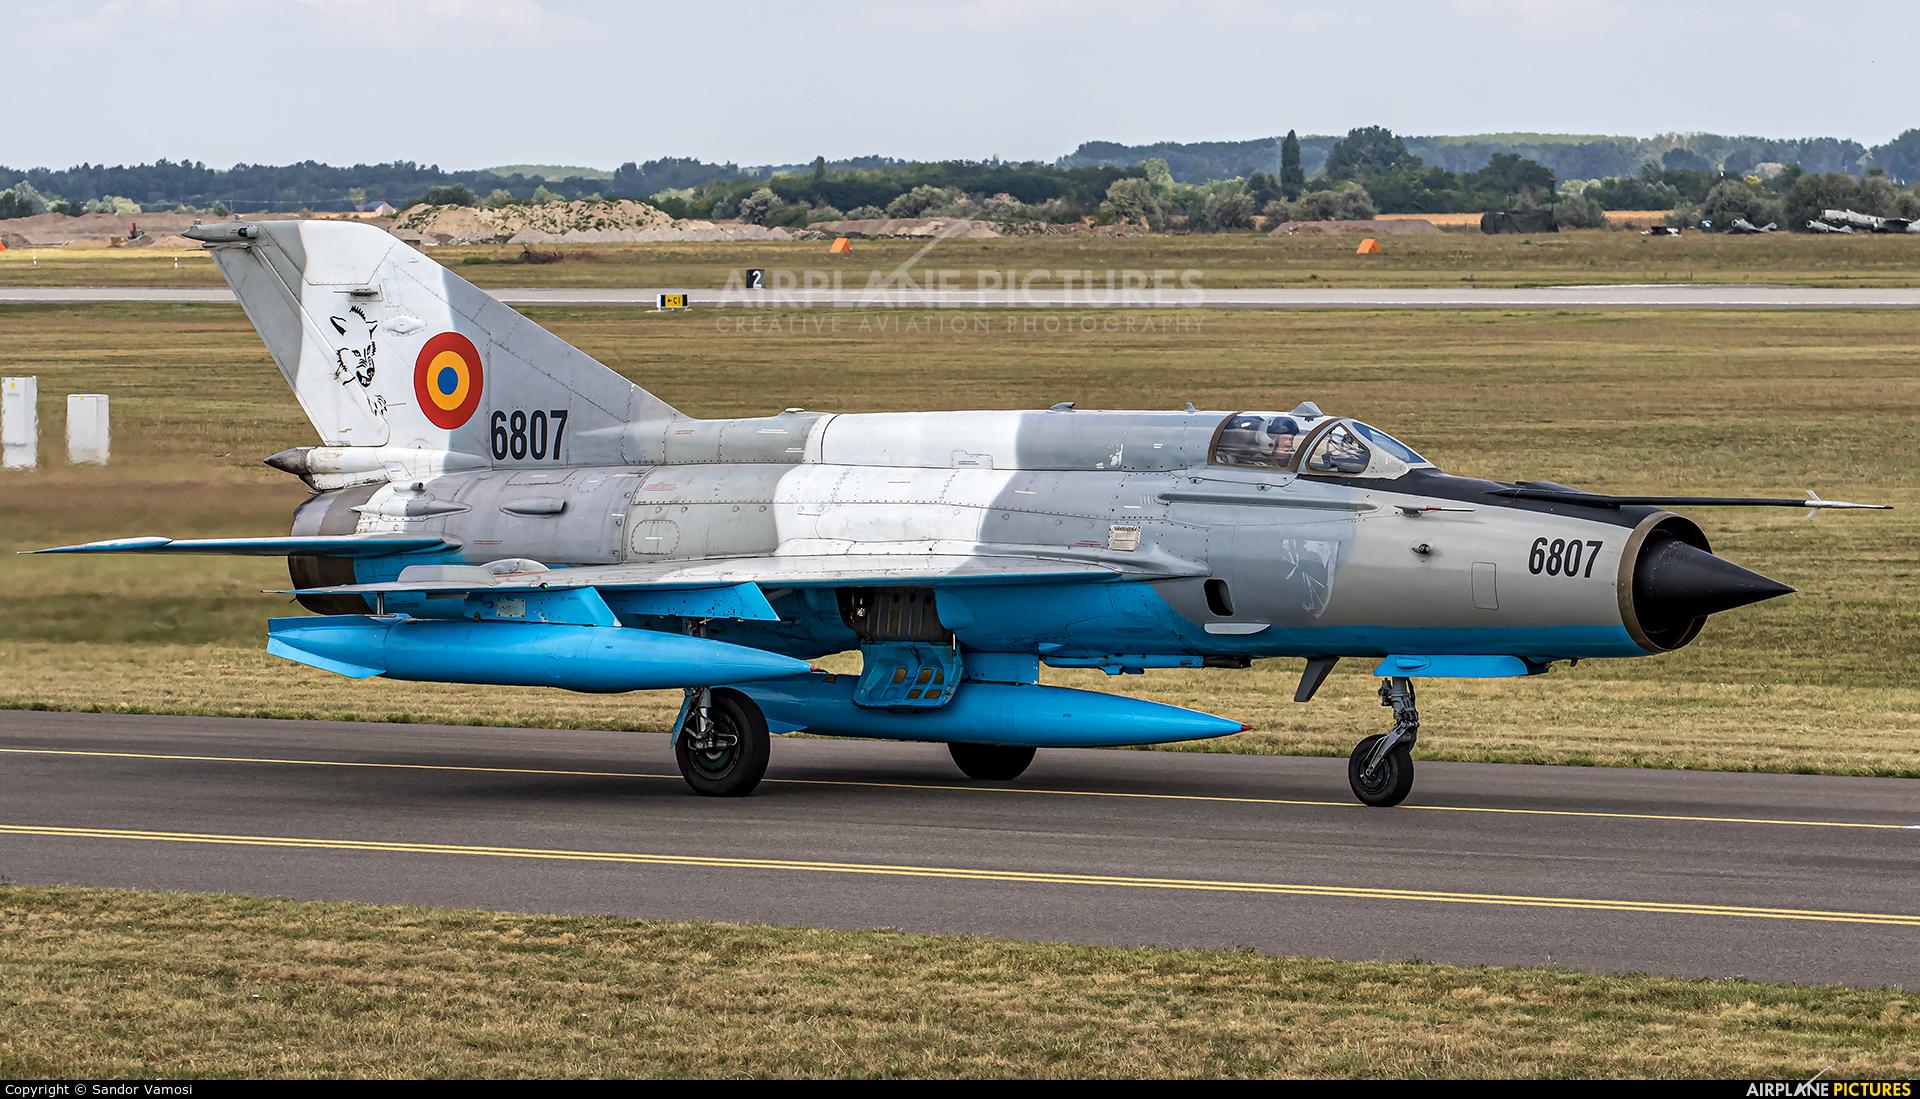 Romania - Air Force 6807 aircraft at Kecskemét